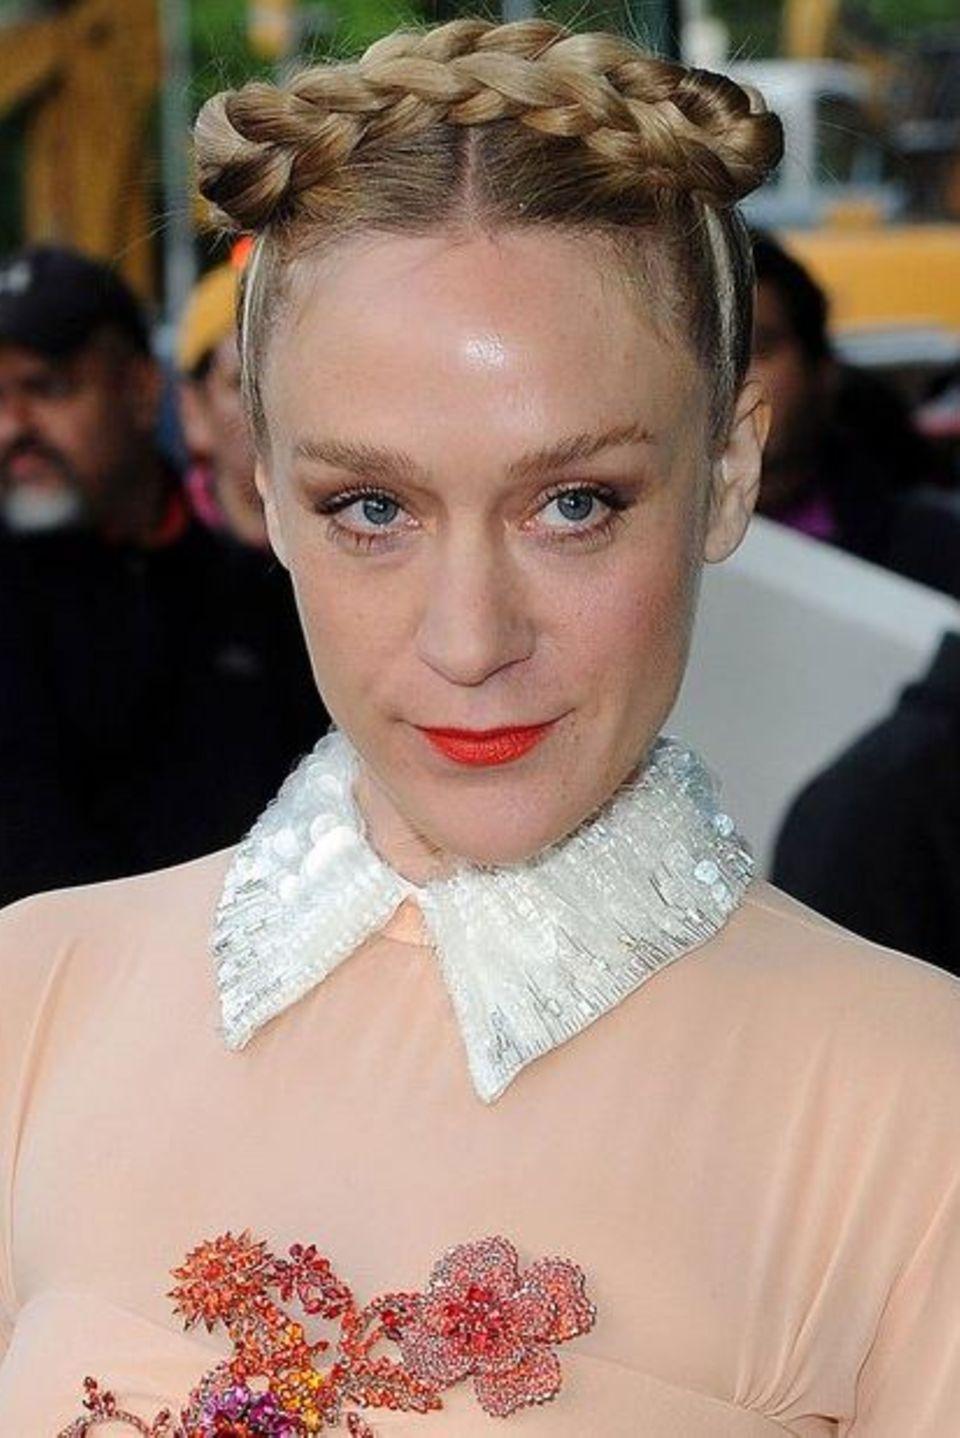 Stil-Ikone Chloë Sevigny trägt einen strengen Bauernzopf am Oberkopf geflochten und ergänzt damit ihr romantisches Kleid perfekt.